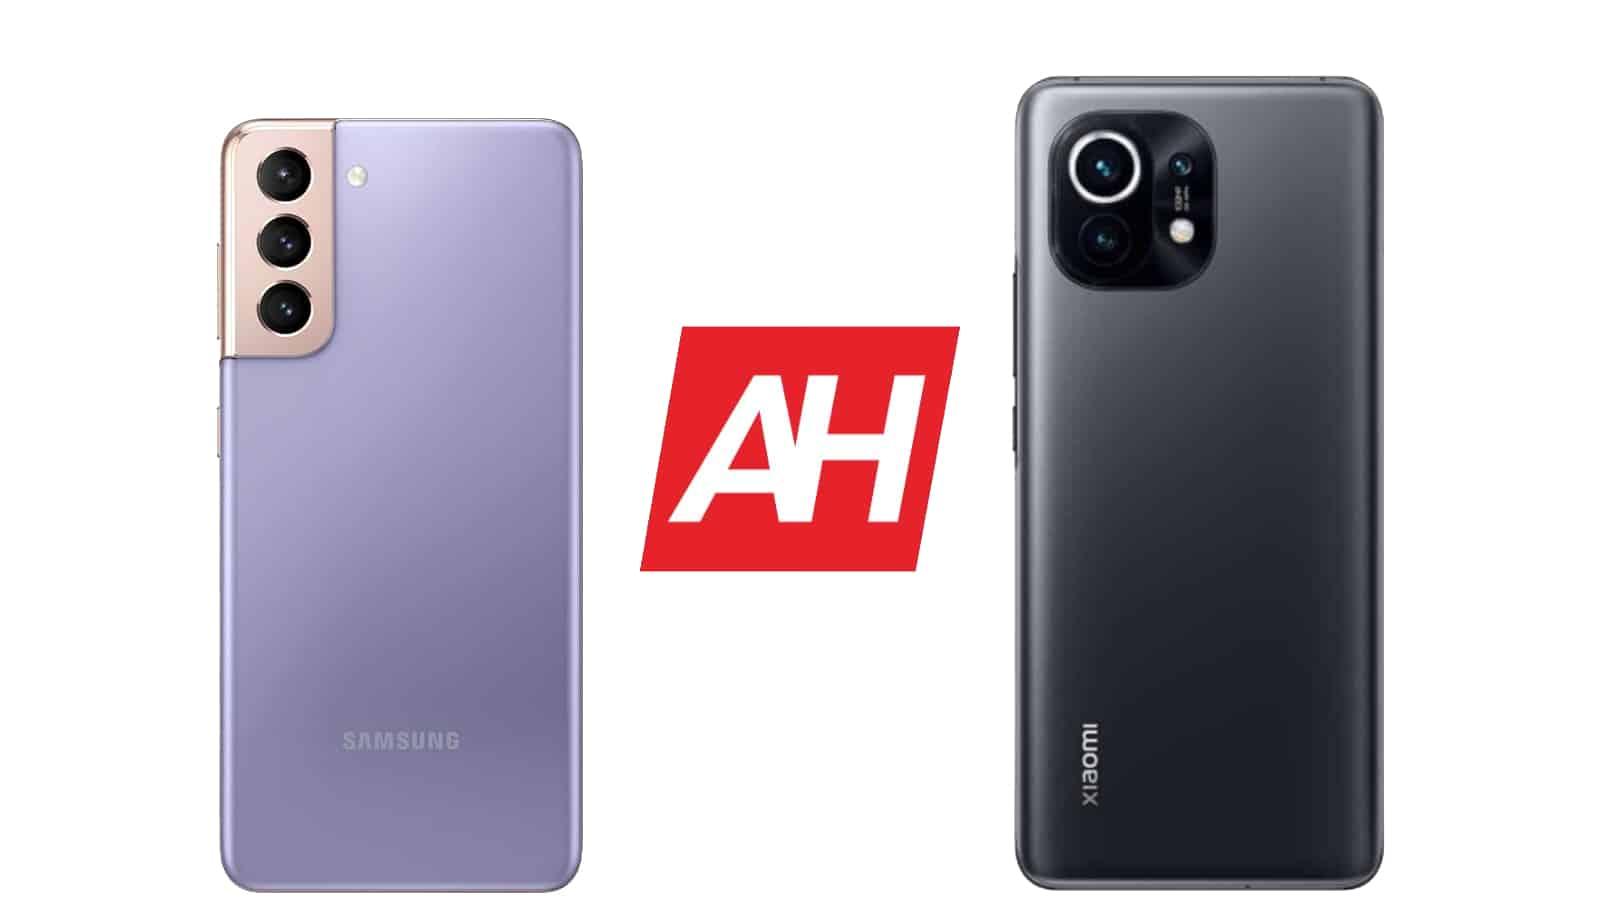 AH Samsung Galaxy S21 vs Xiaomi Mi 11 comparison 2